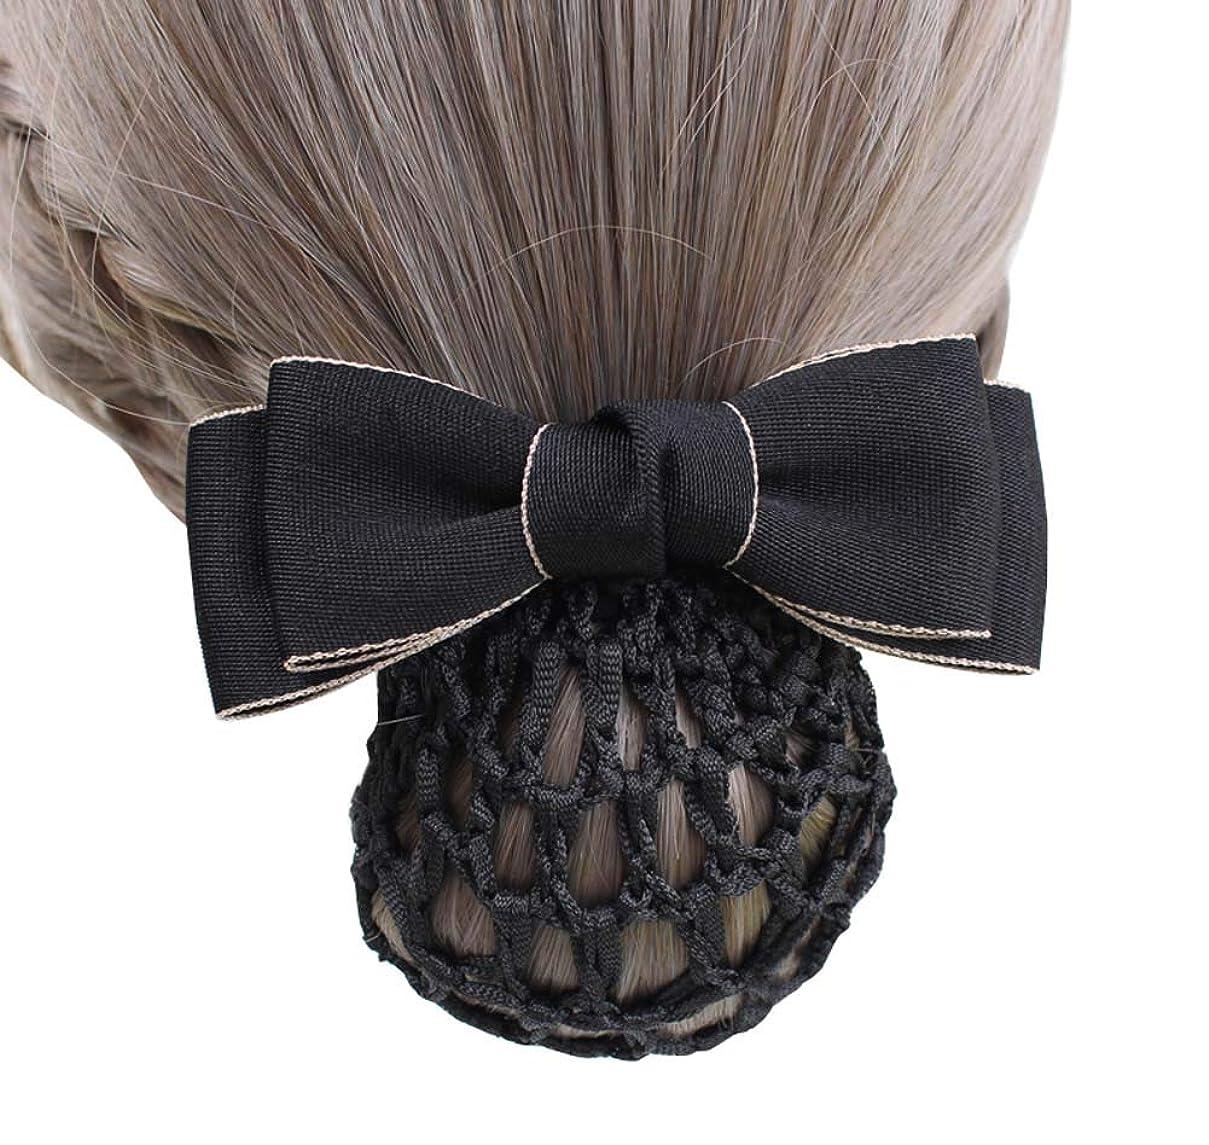 火炎パイル三角形2個ヘアクリップヘアネットヘアスタイリングアクセサリーヘアパンカバーネット、黒